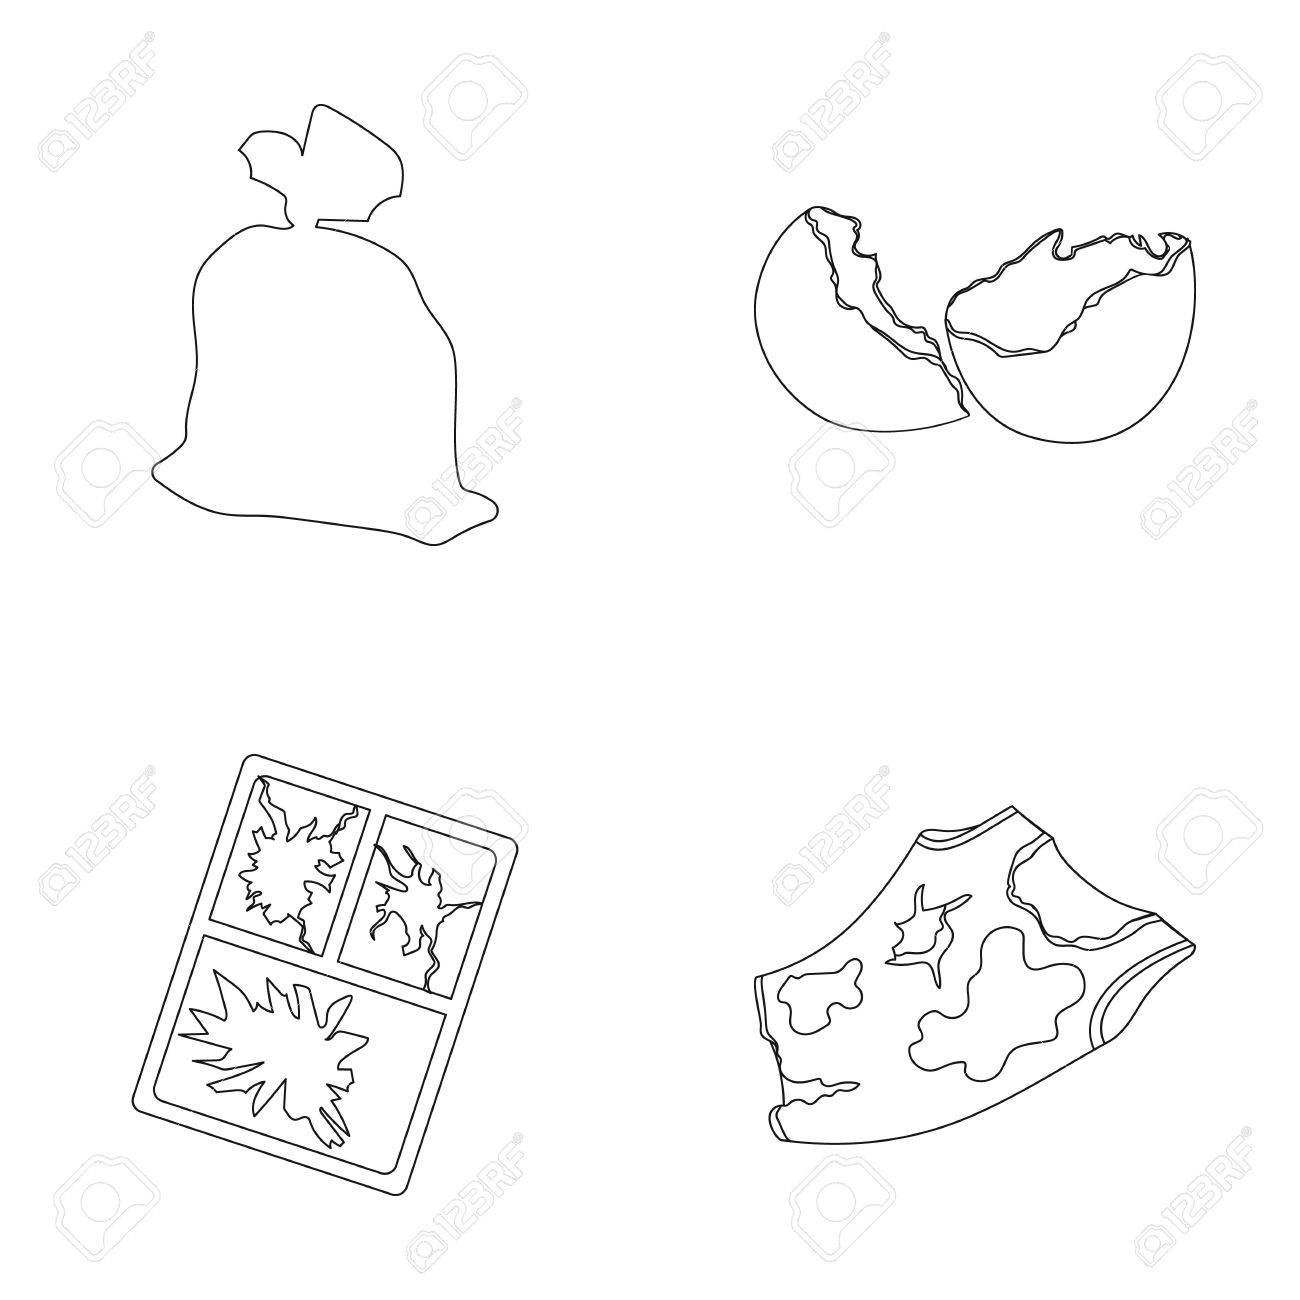 Una Bolsa De Basura, Una Cáscara De Huevo Rota, Una Camiseta Sucia ...